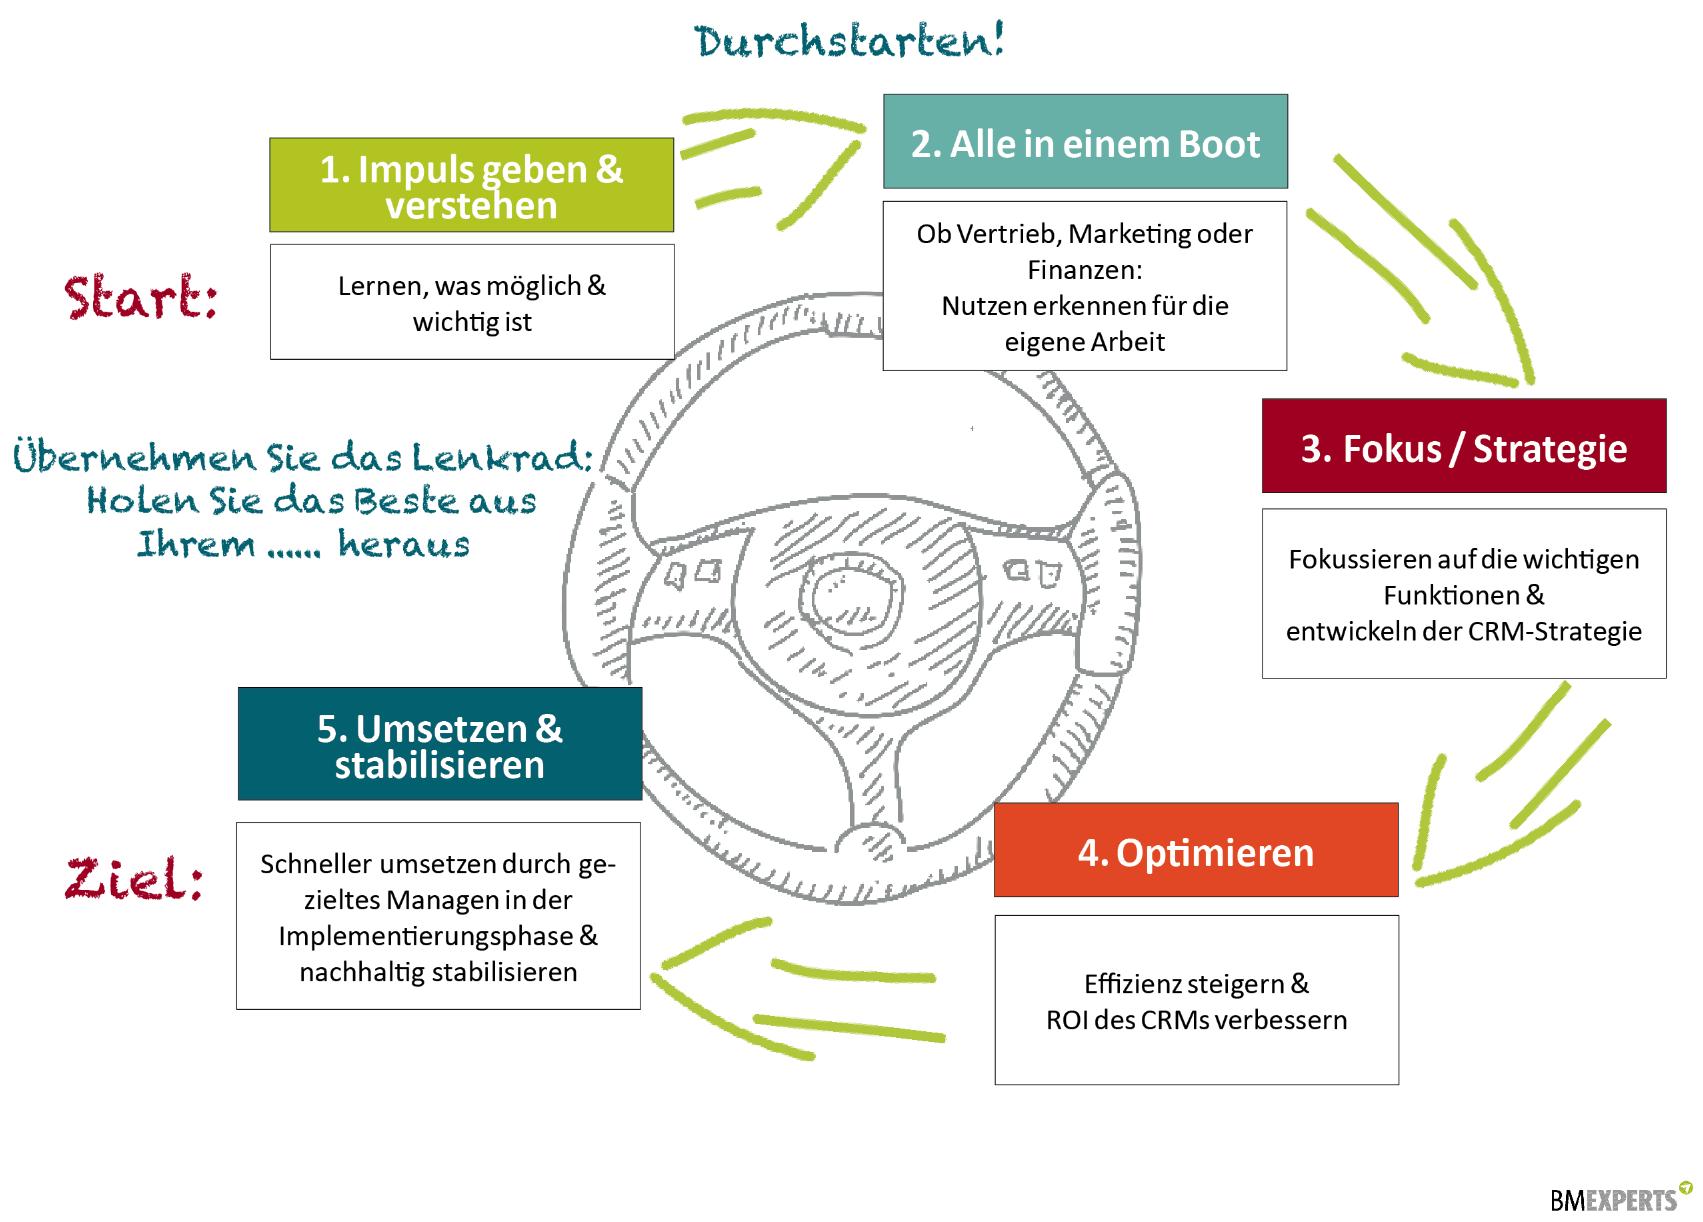 Beratung Digitale Transformation: 5-Punkte-Verfahren